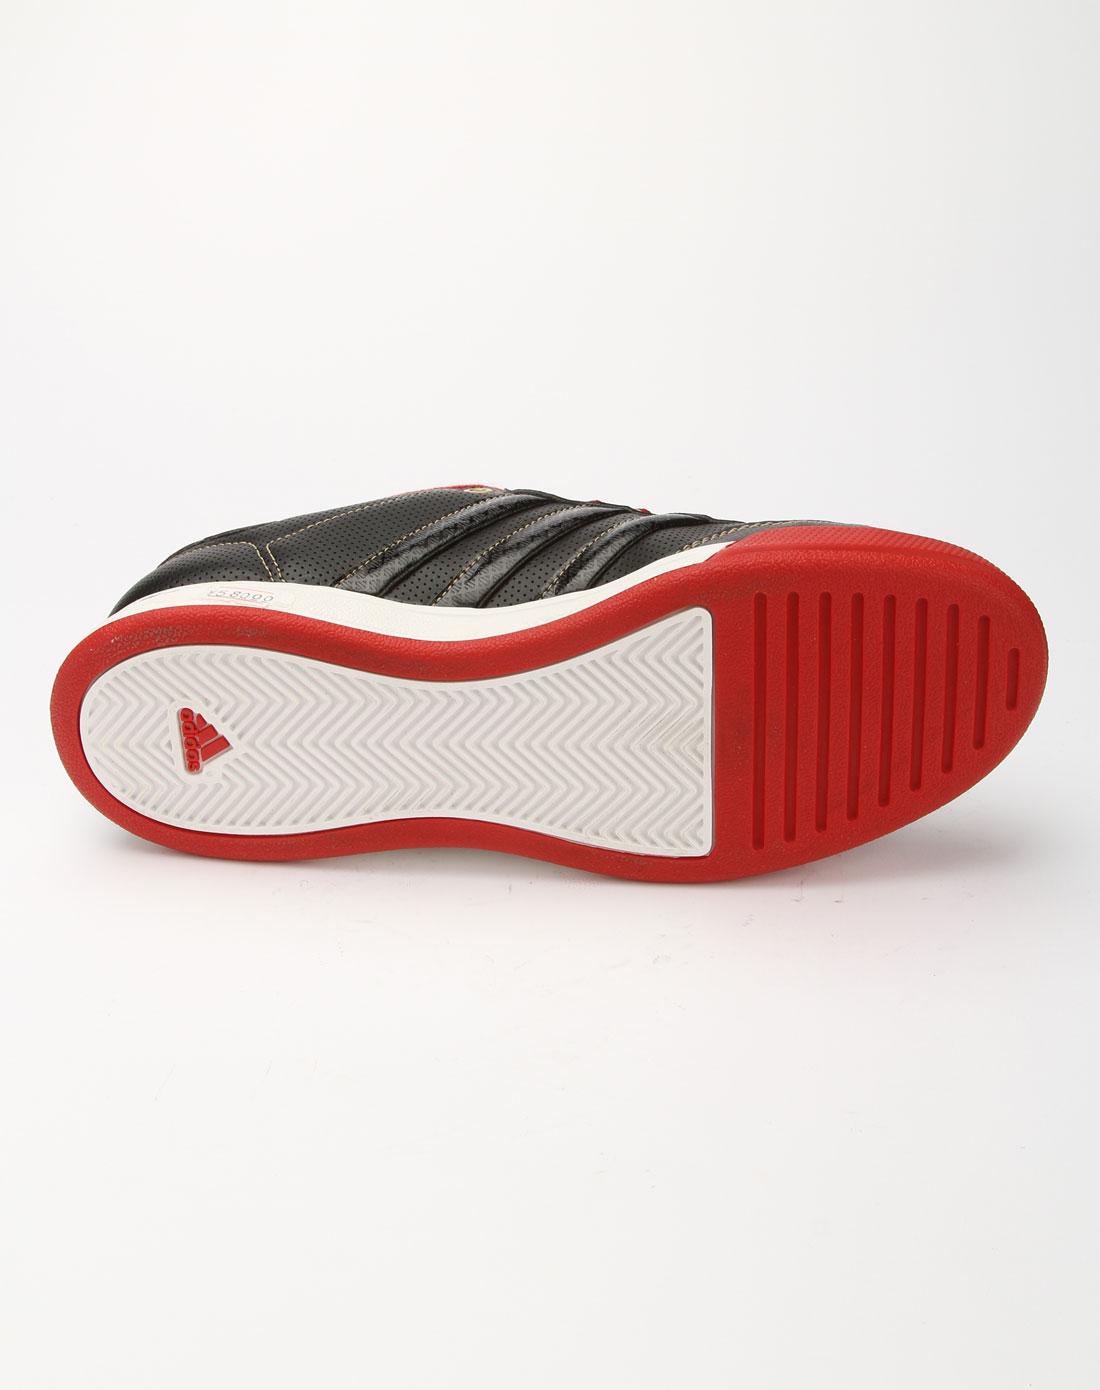 阿迪达斯adidas黑拼校园红色休闲运动鞋u43825